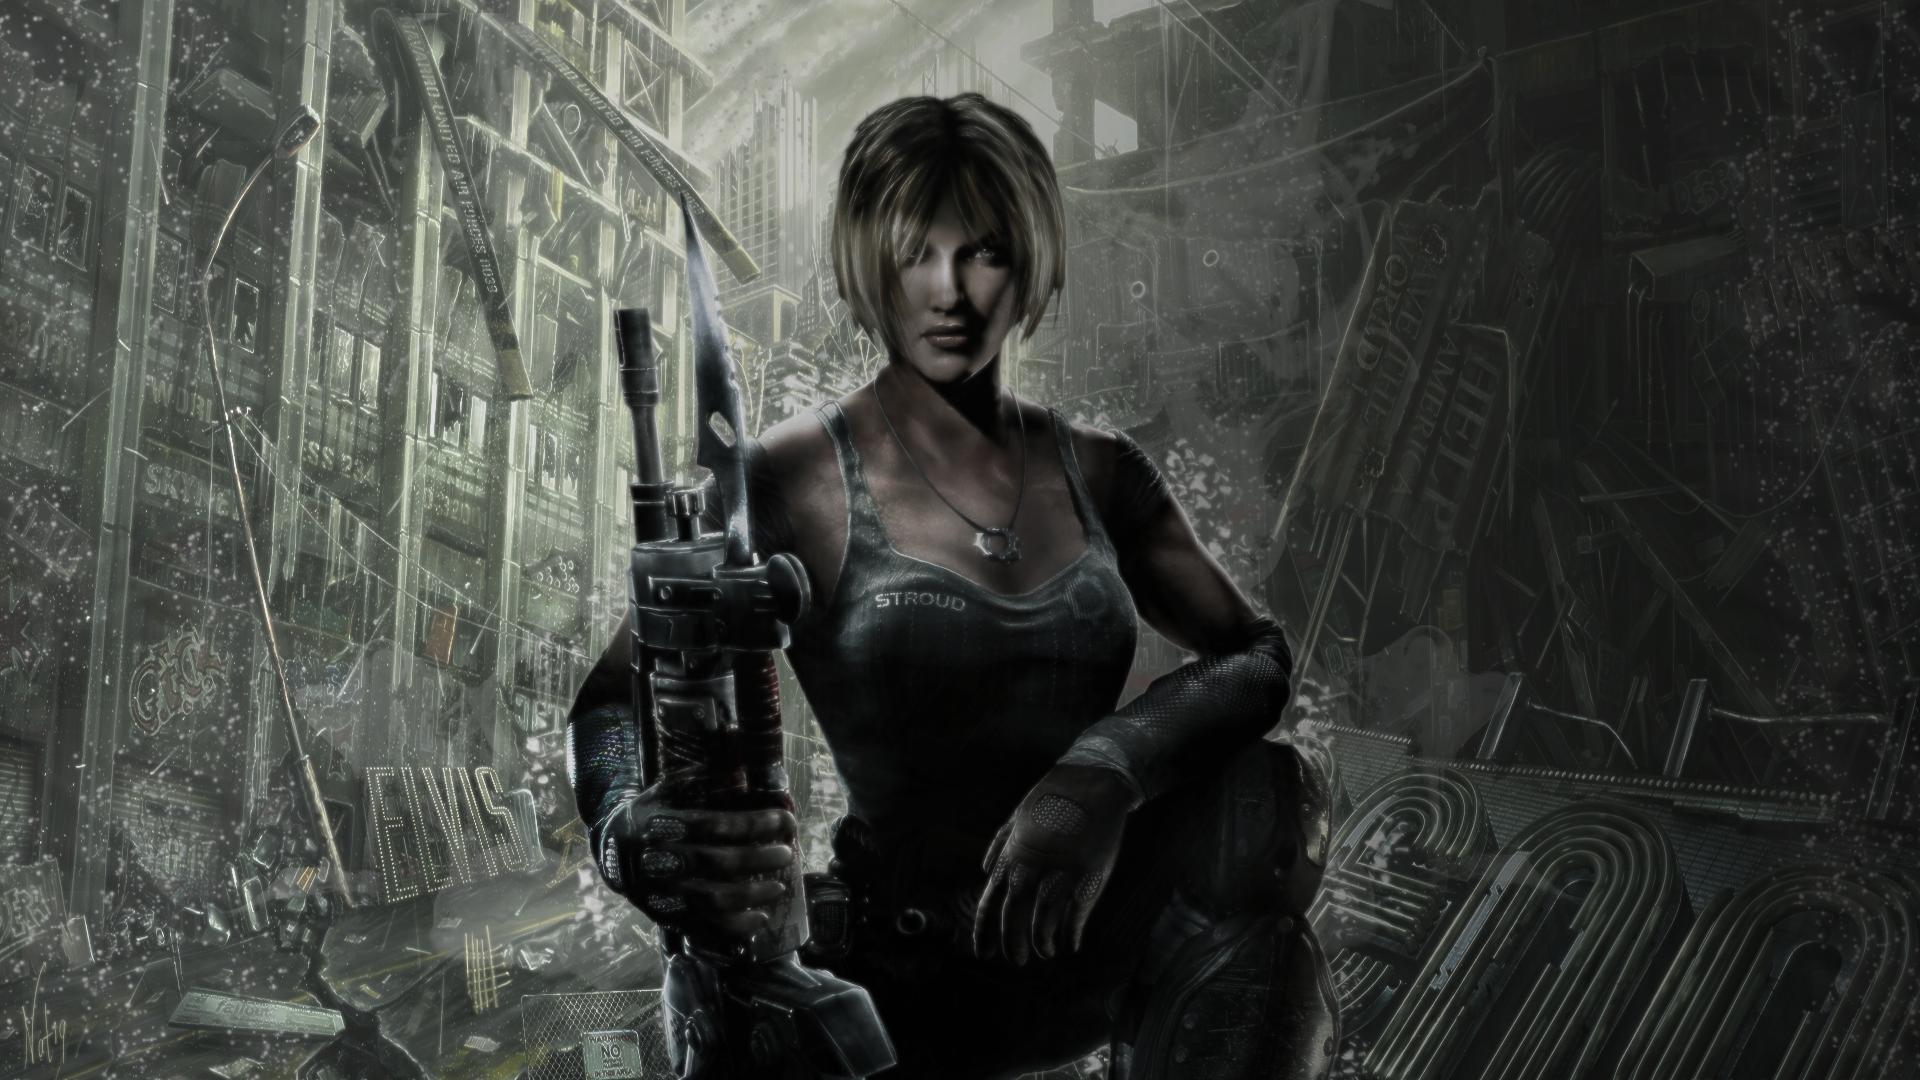 Gears Of War 3: Anya Wallpaper By Robbiebelike On DeviantArt